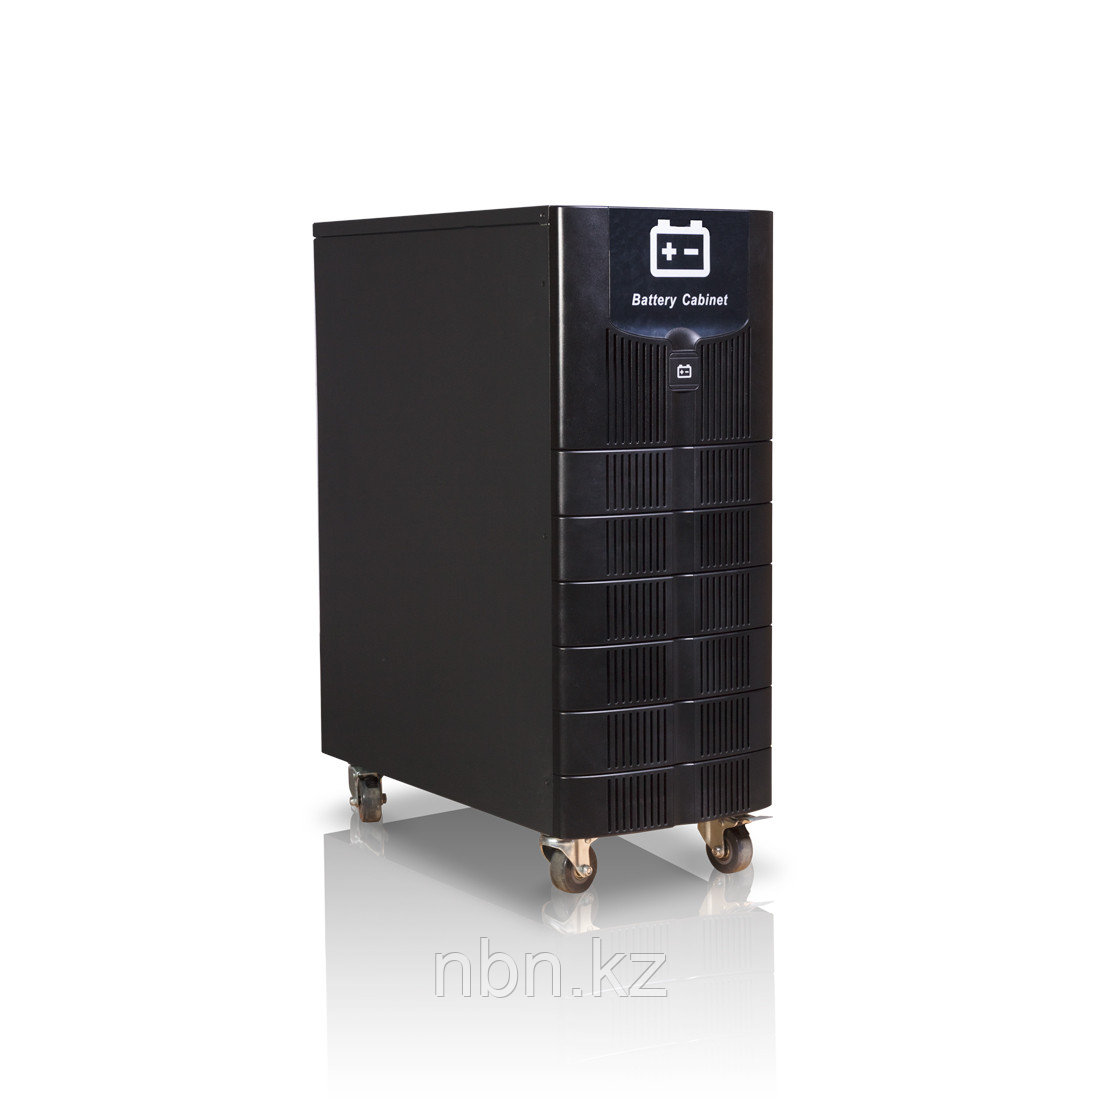 Батарейный блок для ИБП PTS-10KL-LCD